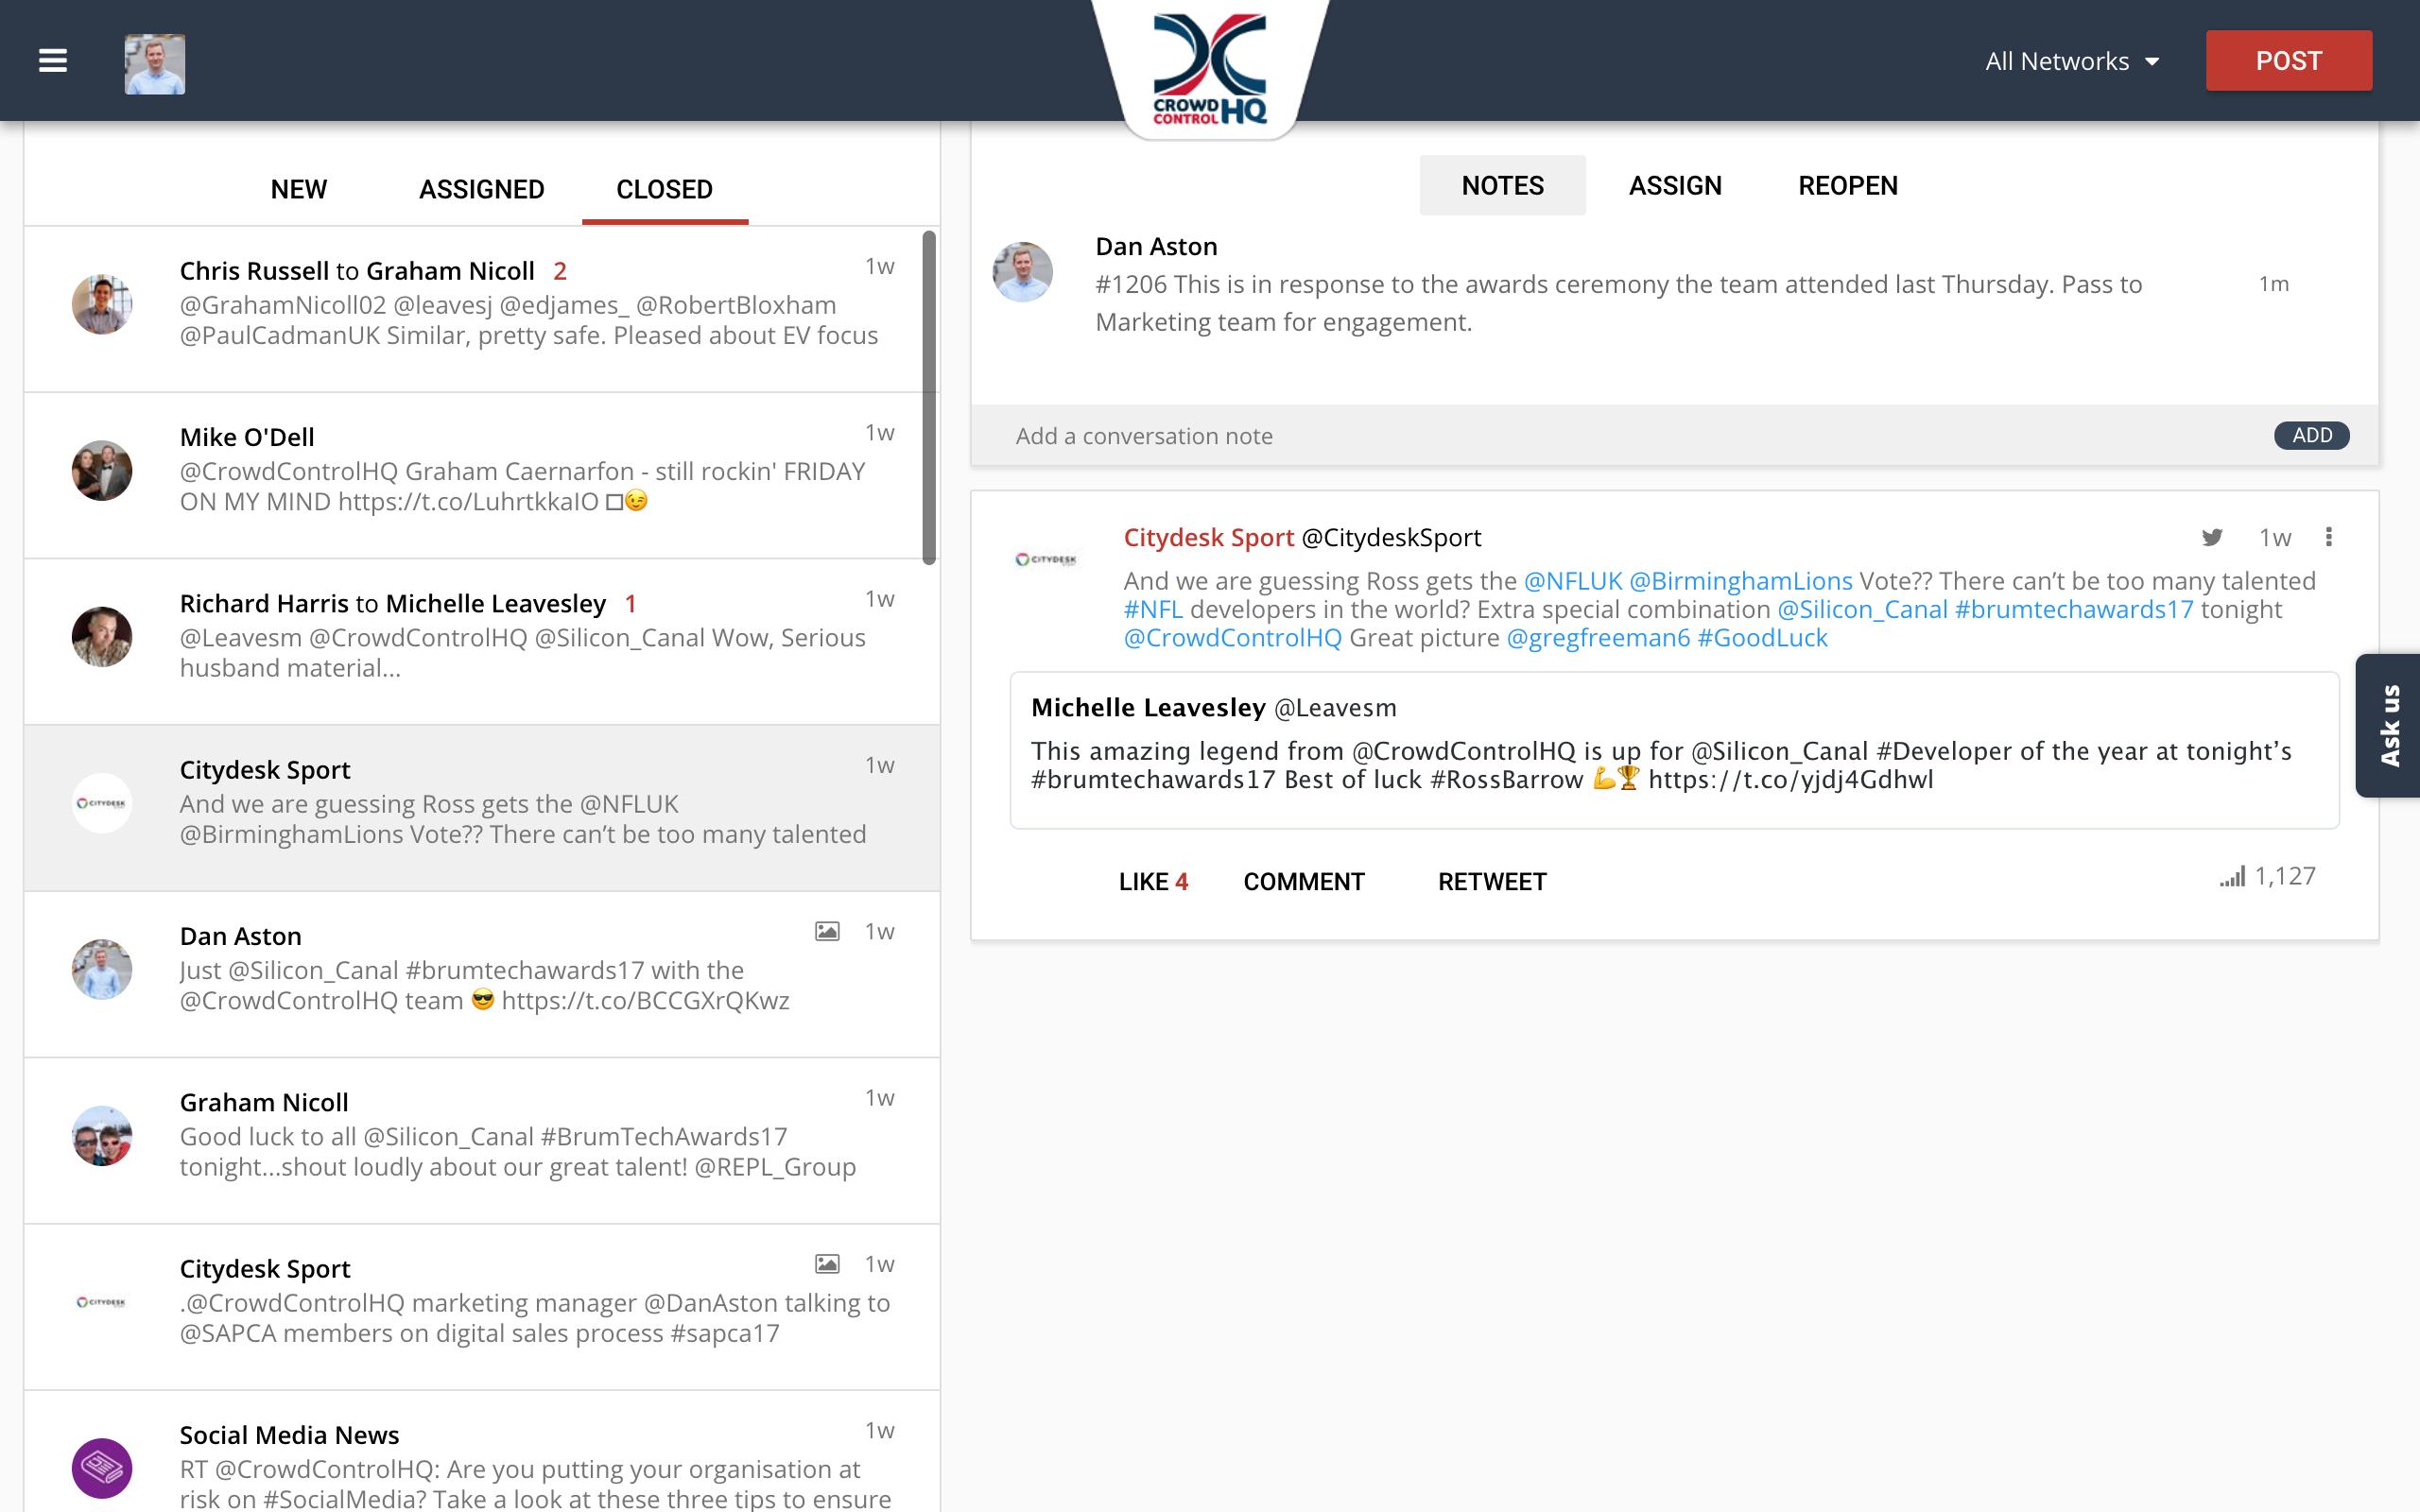 CrowdControlHQ Conversations Feature